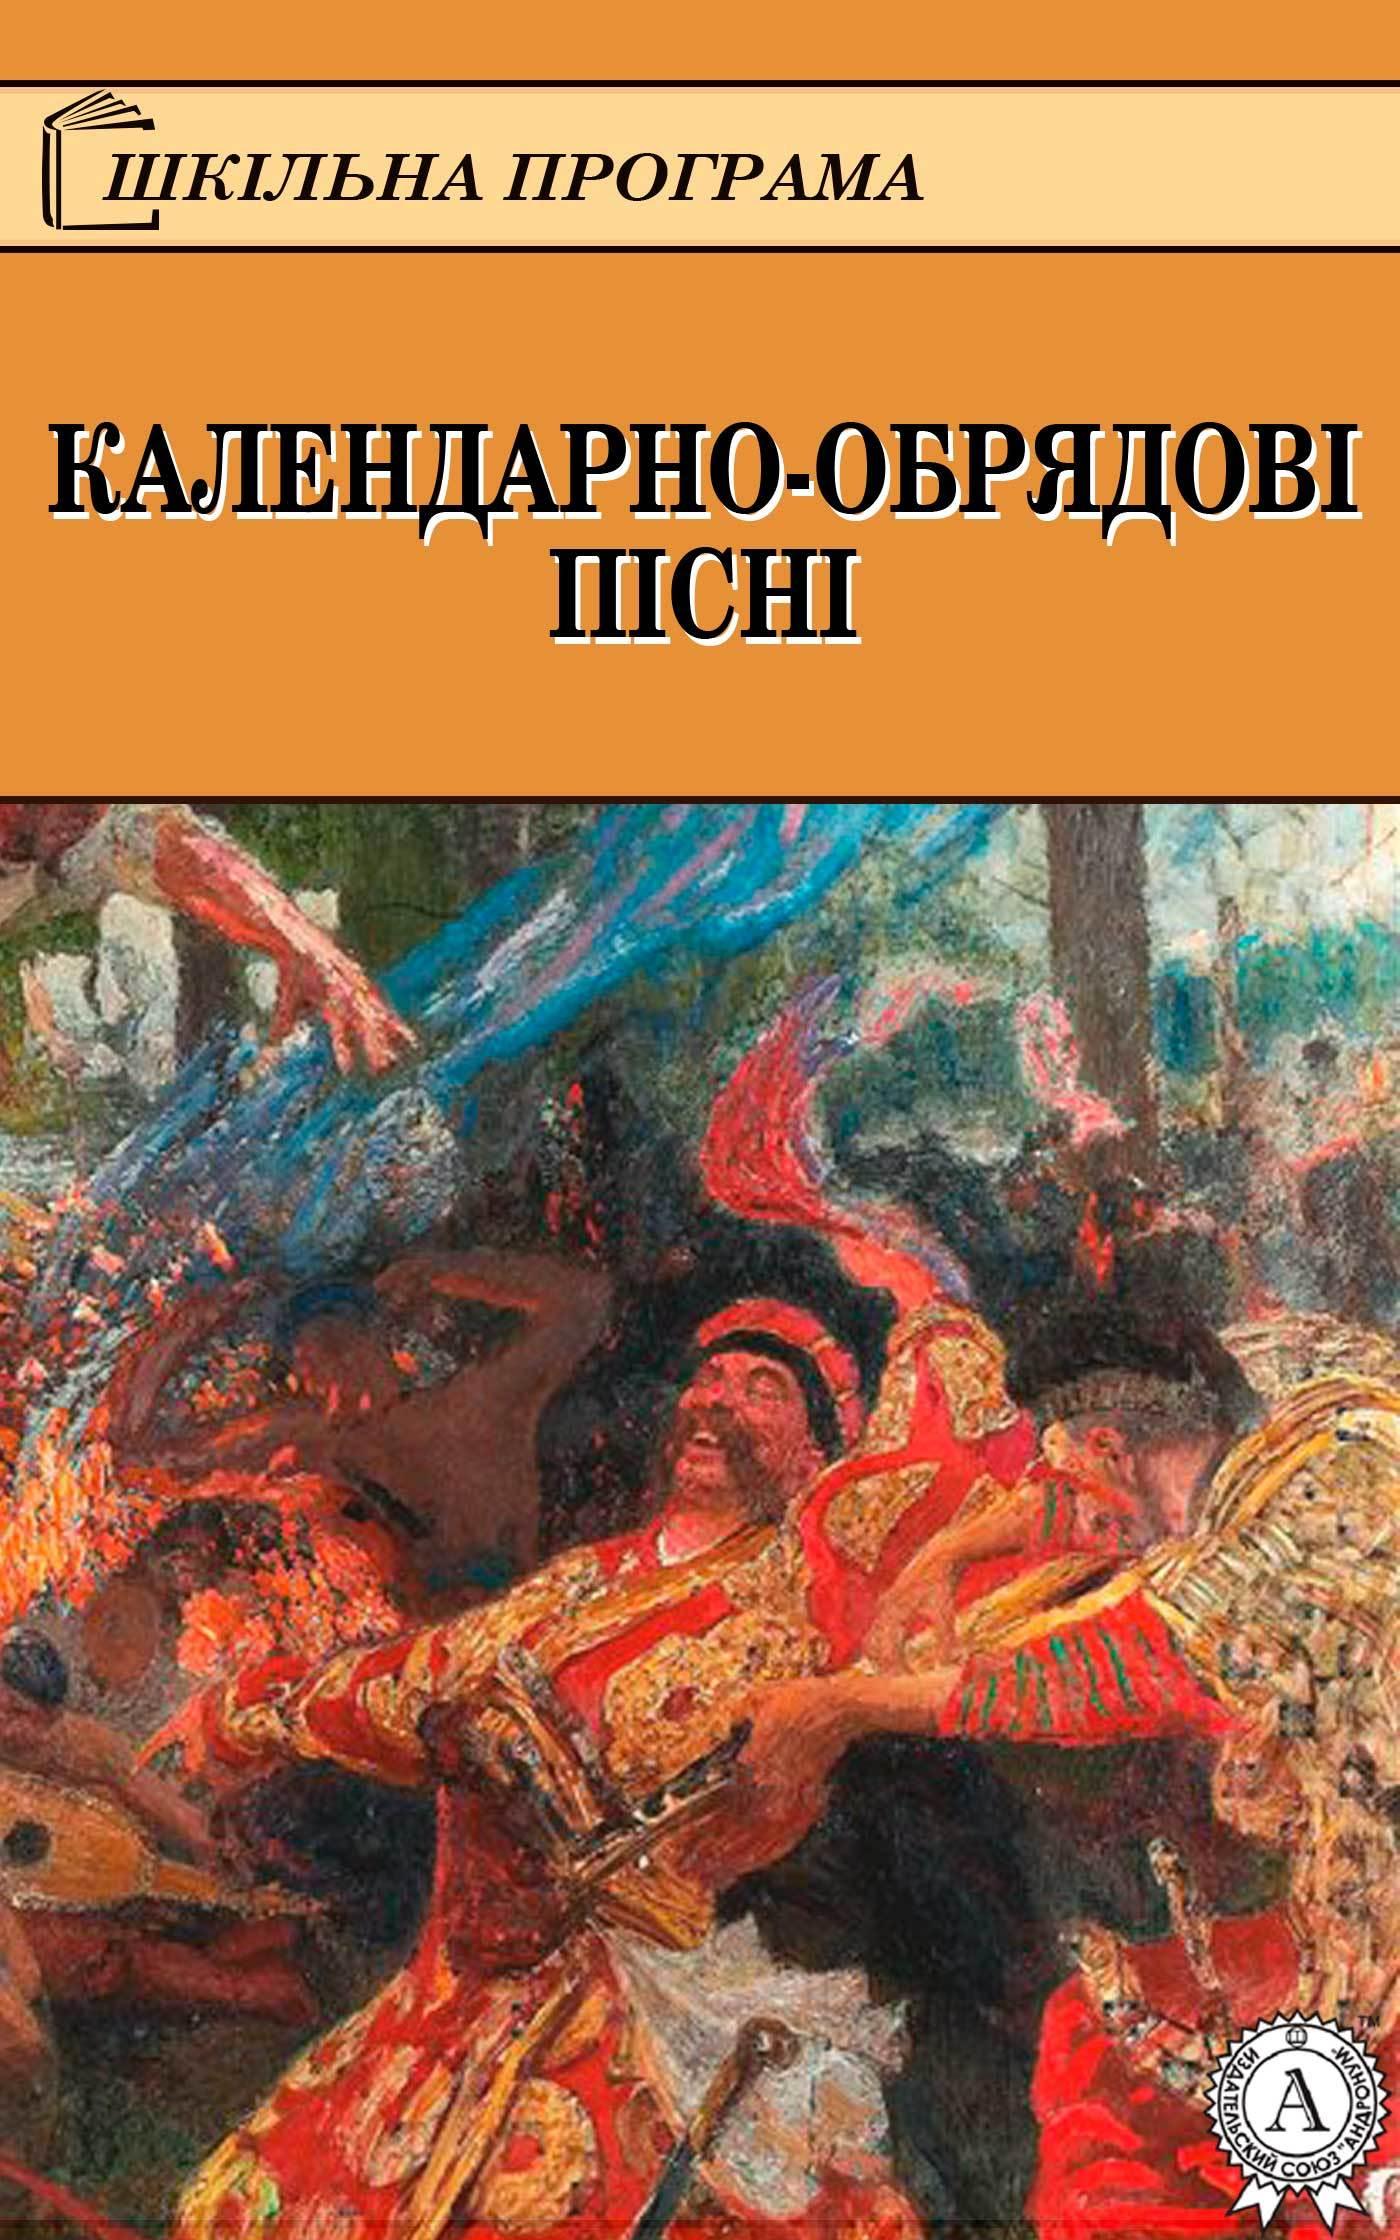 Народное творчество КАЛЕНДАРНО-ОБРЯДОВІ ПІСНІ народное творчество весільні пісні